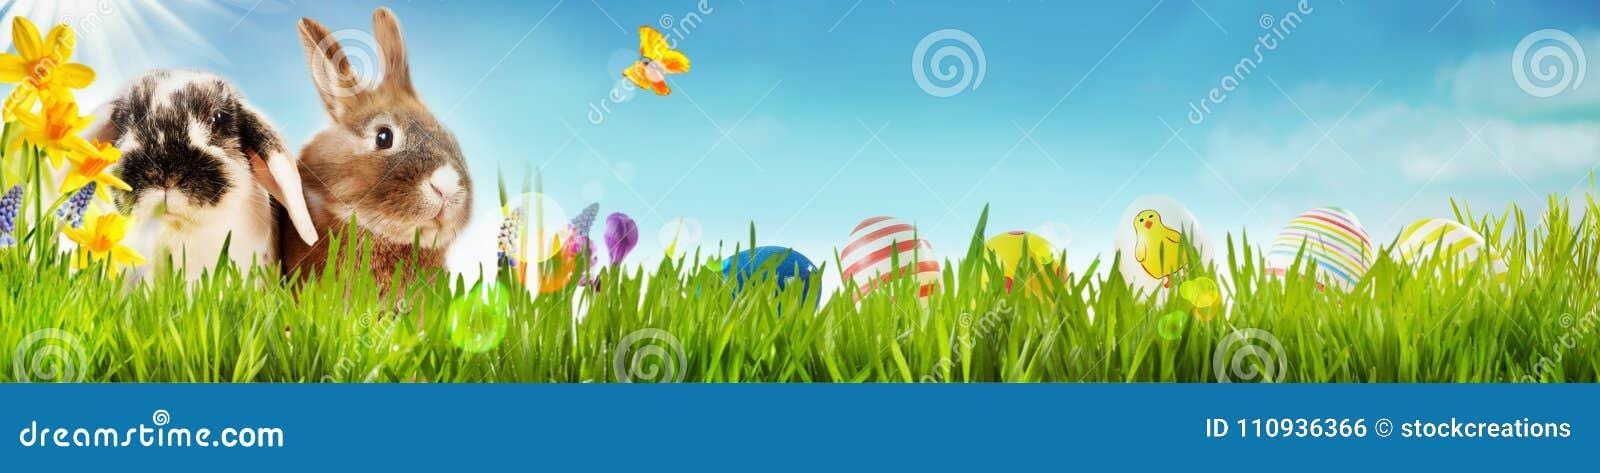 Lyckligt påskvårbaner med små kaniner